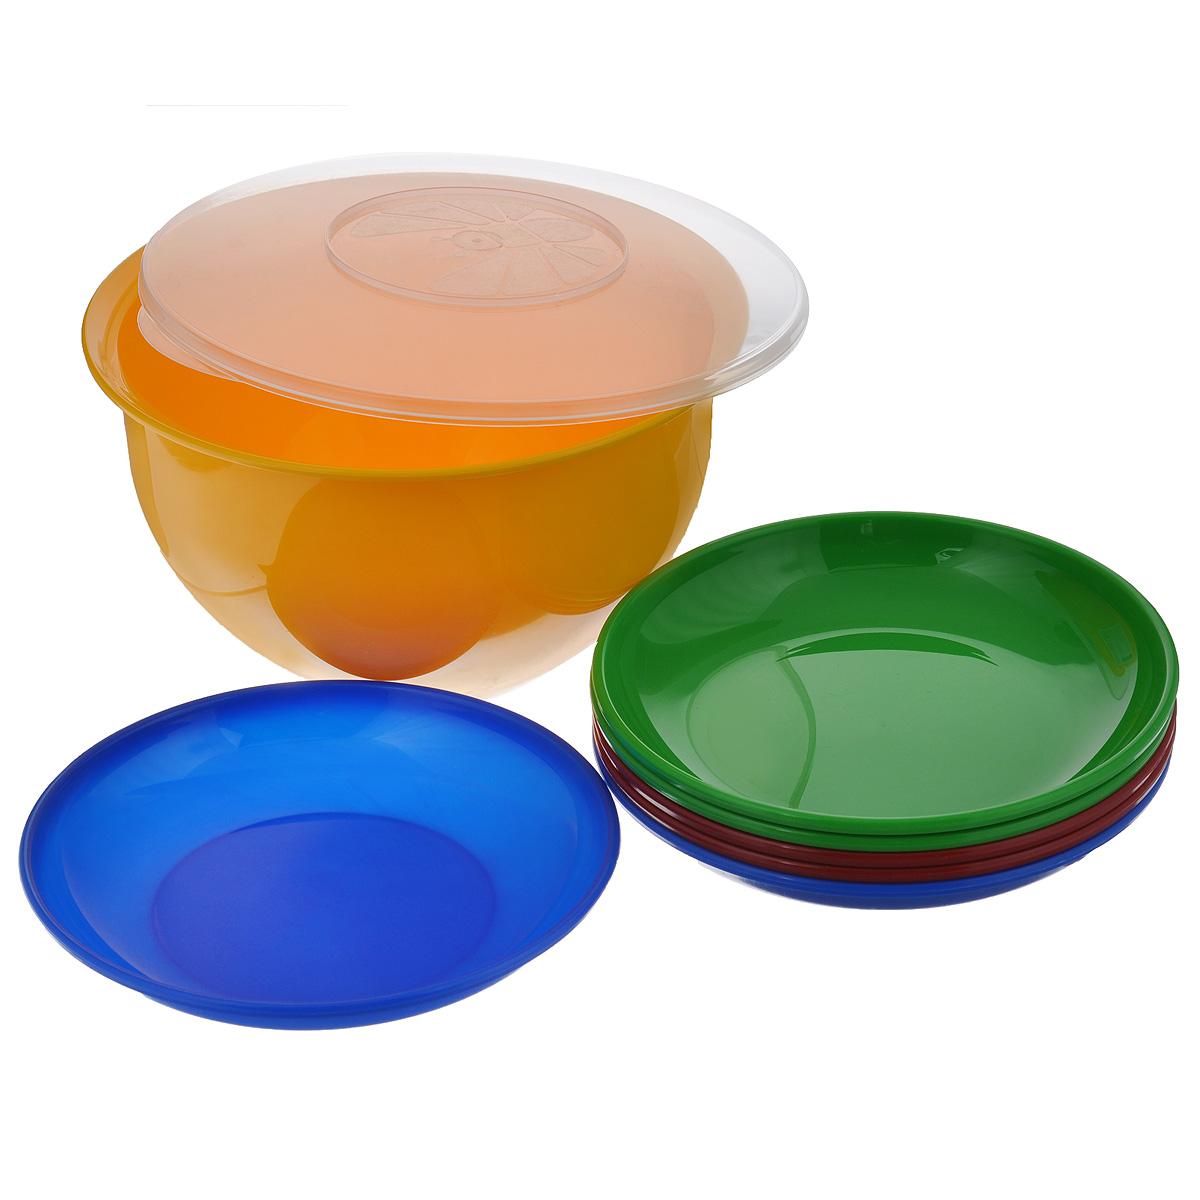 """В состав набора """"Solaris"""" входит 6 тарелок и большая миска с герметичной крышкой. Большую миску можно использовать как пищевой контейнер, для приготовления салата, мариновки шашлыка и т.п.Свойства посуды:Посуда из ударопрочного пищевого полипропилена предназначена для многократного использования. Легкая, прочная и износостойкая, экологически чистая, эта посуда работает в диапазоне температур от -25°С до +110°С. Можно мыть в посудомоечной машине. Эта посуда также обеспечивает:Хранение горячих и холодных пищевых продуктов;Разогрев продуктов в микроволновой печи;Приготовление пищи в микроволновой печи на пару (пароварка);Хранение продуктов в холодильной и морозильной камере;Кипячение воды с помощью электрокипятильника.Объем миски: 3 л.Диаметр миски: 22,5 см.Высота миски: 12,7 см.Диаметр тарелок: 19 см.Высота тарелок: 3 см."""